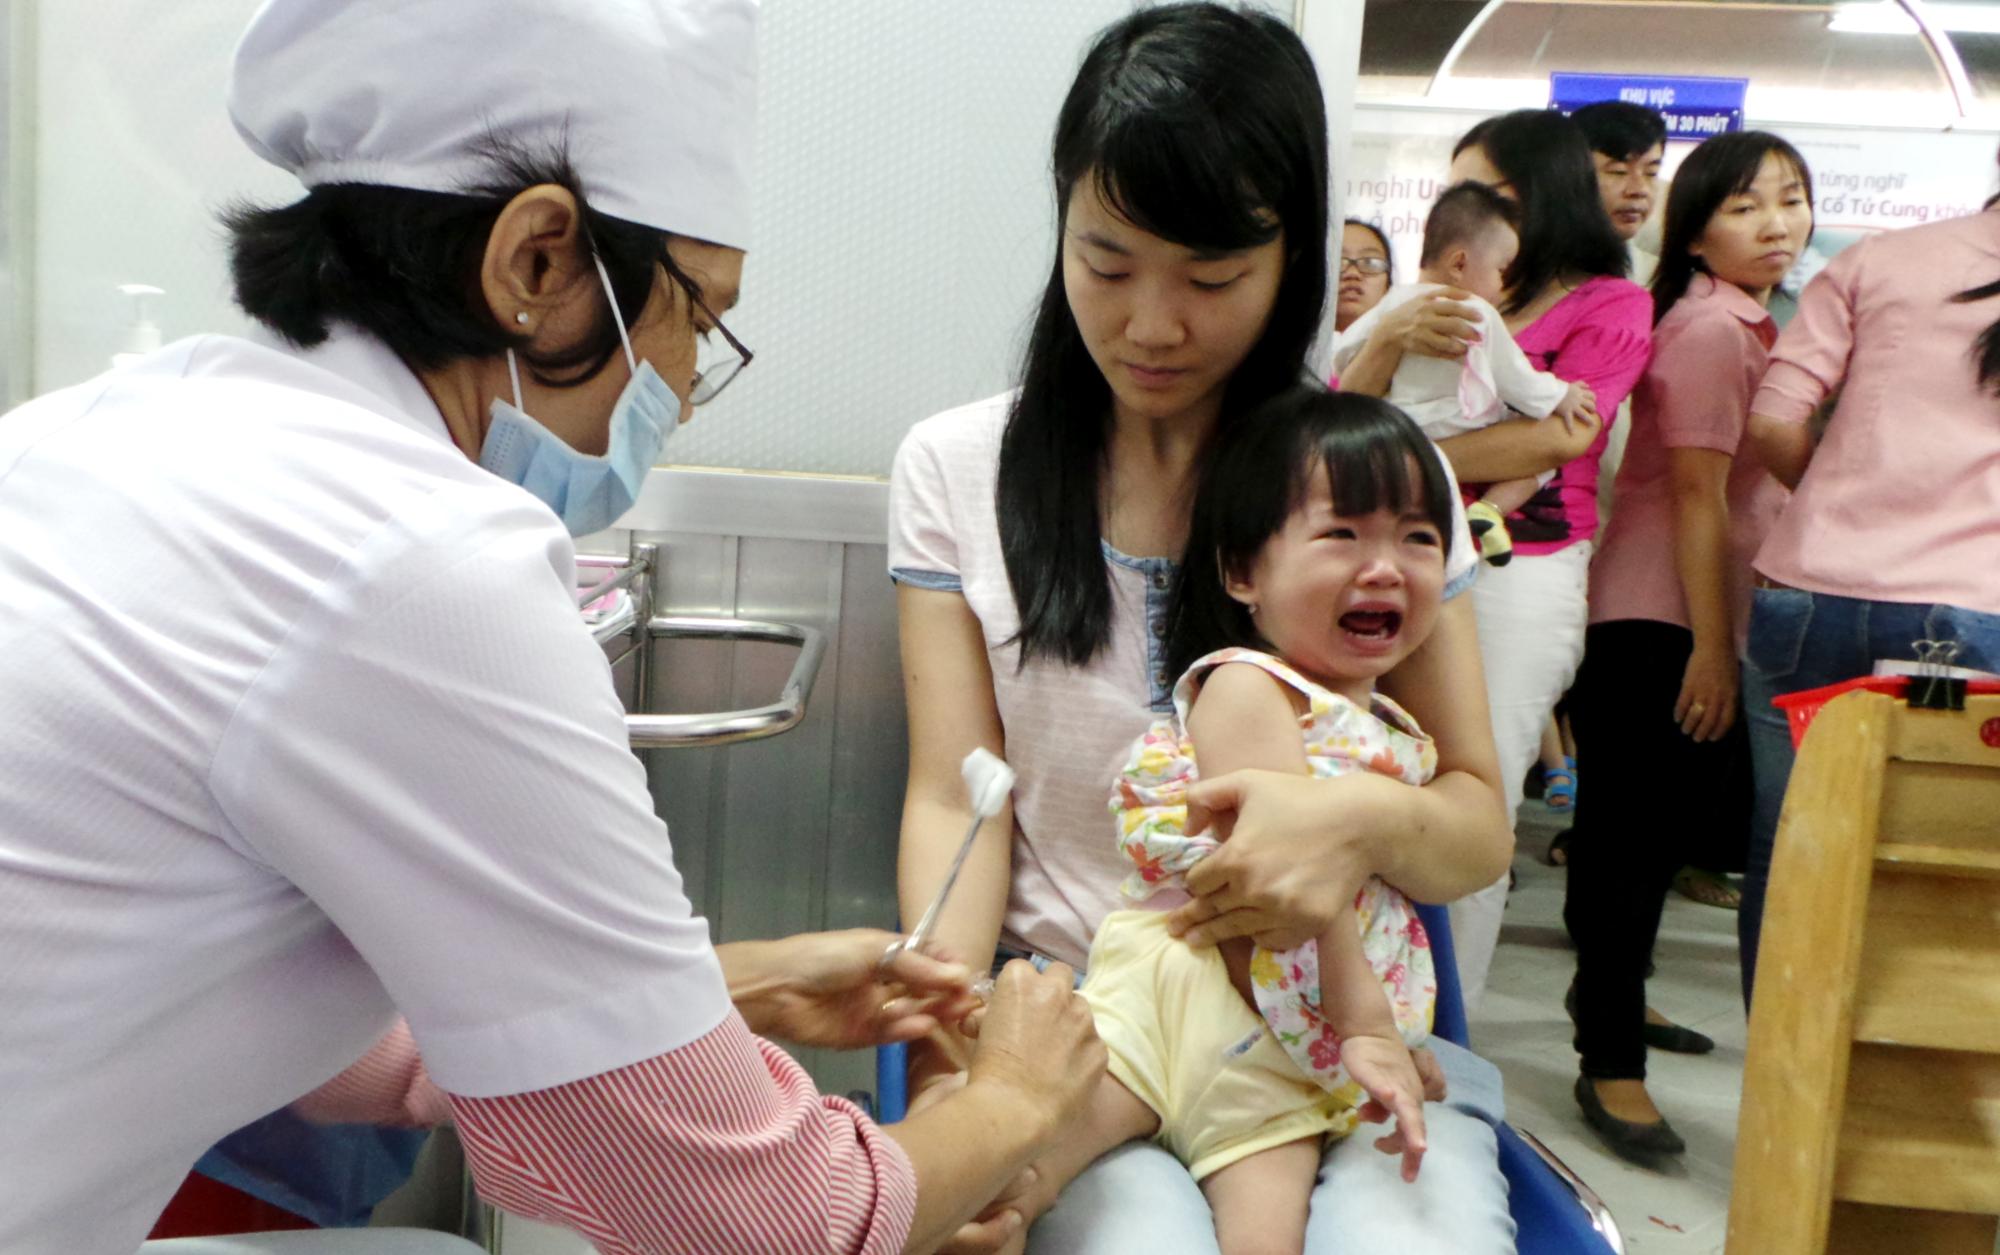 Bác sĩ Nhi khoa chia sẻ cách giảm đau hiệu quả sau khi tiêm phòng cho trẻ - Ảnh 1